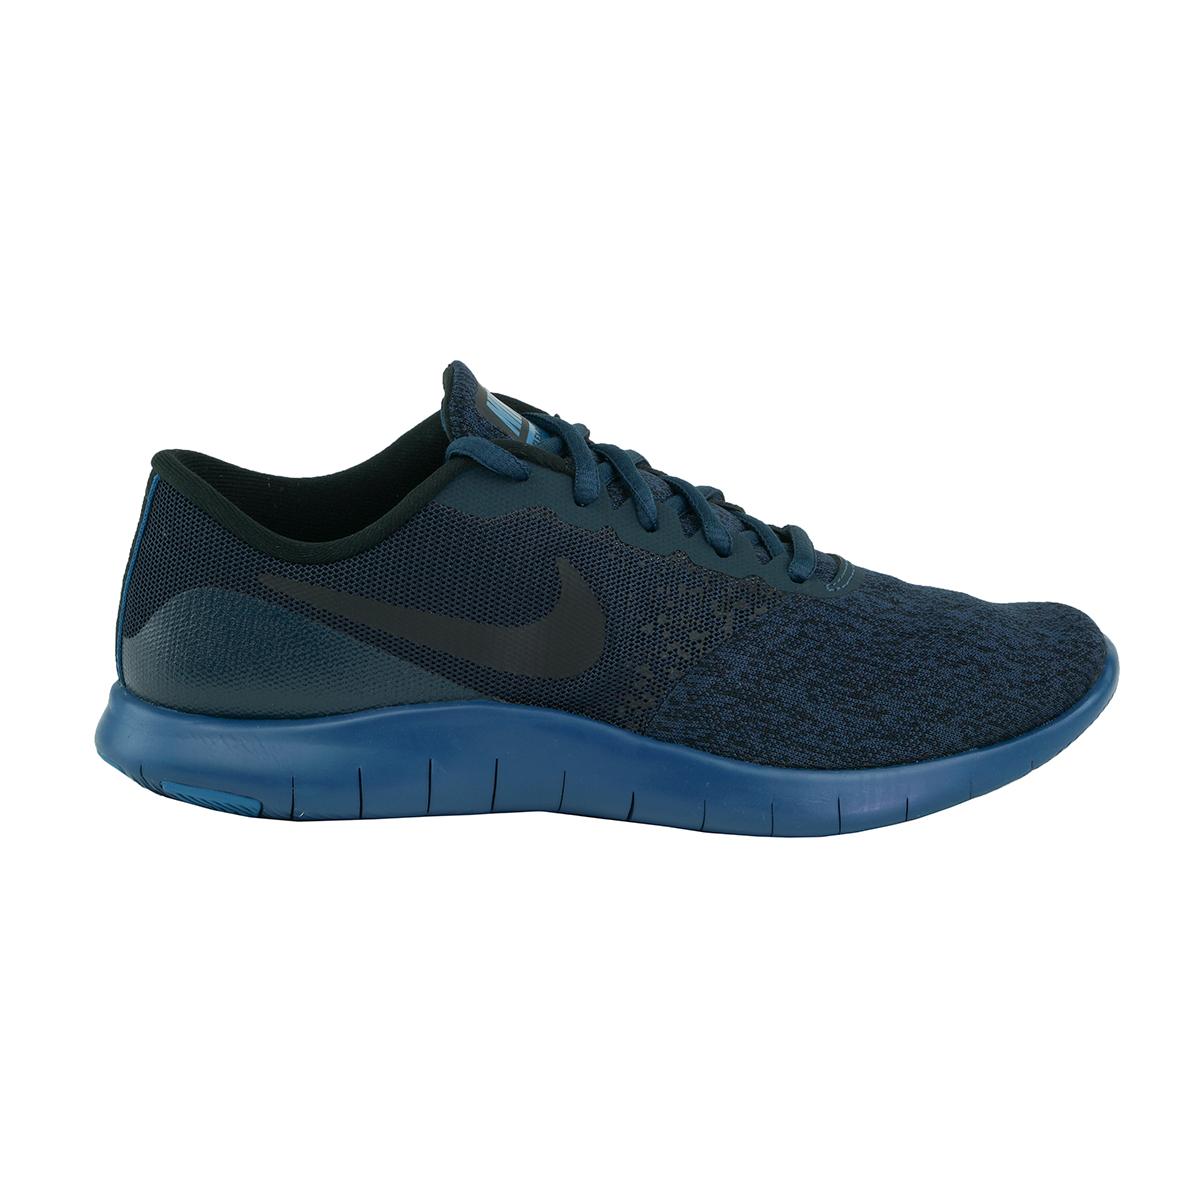 7132ca3c2105f Nike-Women-039-s-Flex-Contact-Running-Shoes thumbnail